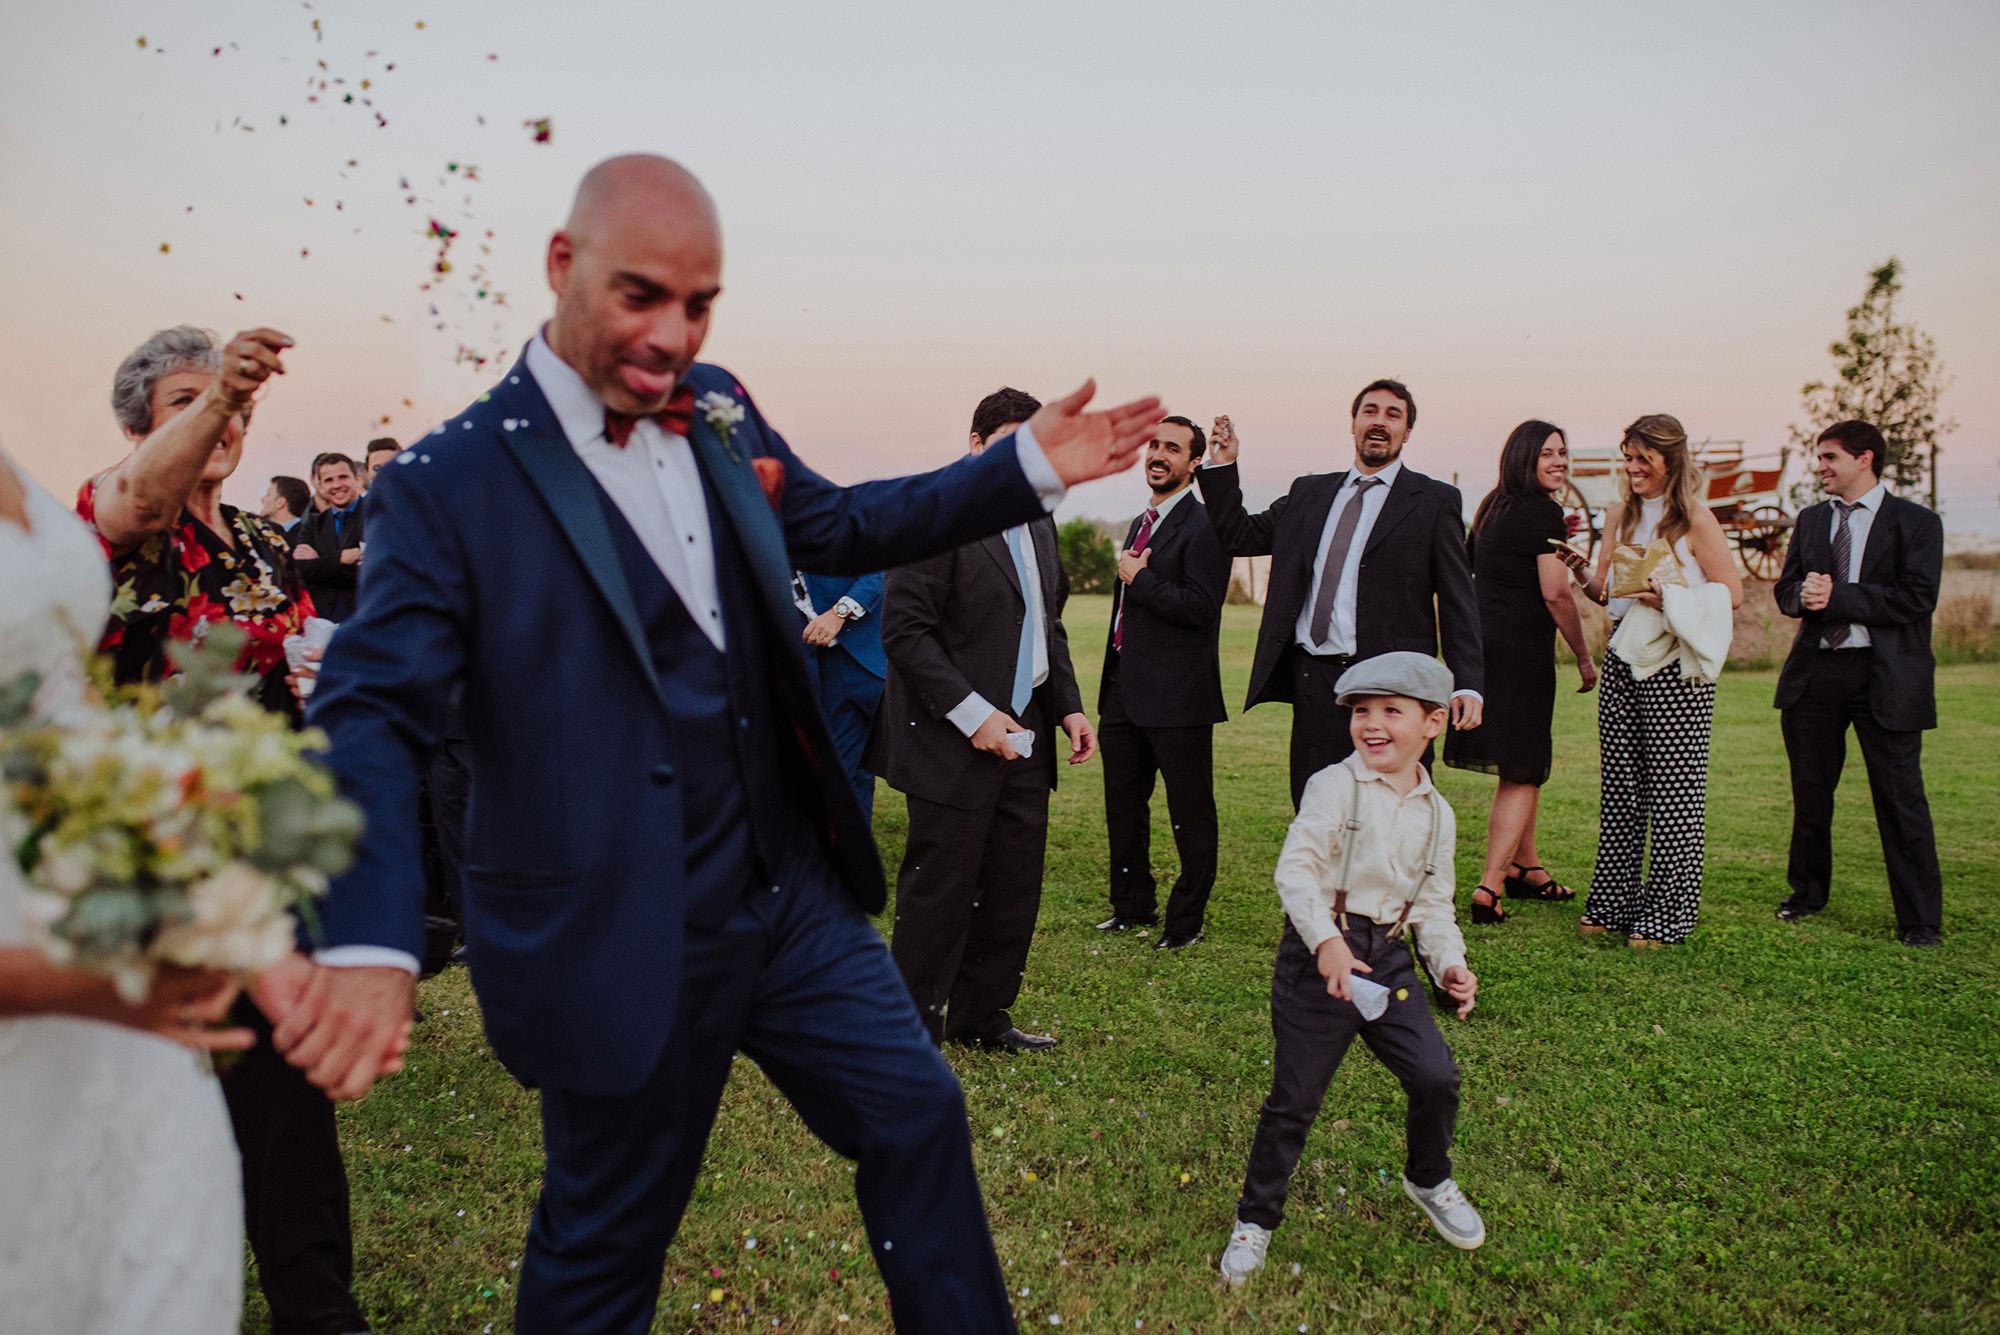 fotografos-de-casamientos-uruguay-19